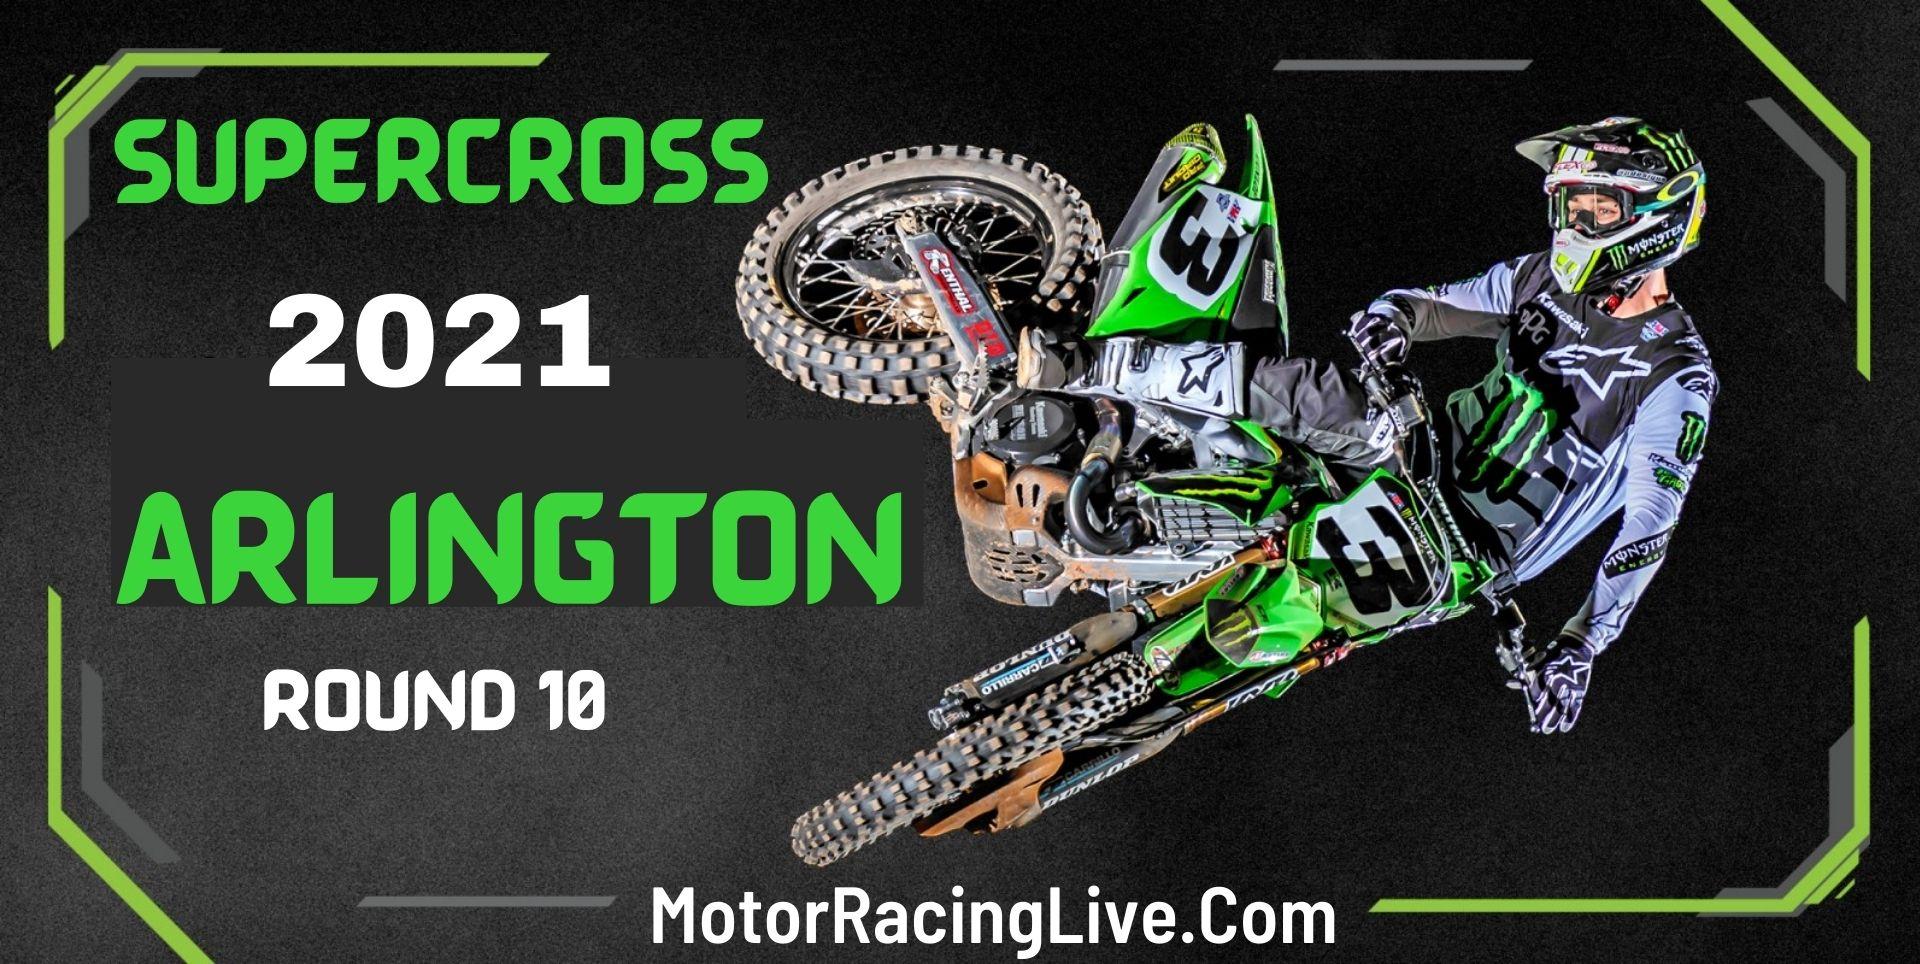 Supercross Arlington Round 10 Live Stream 13-Mar 2021